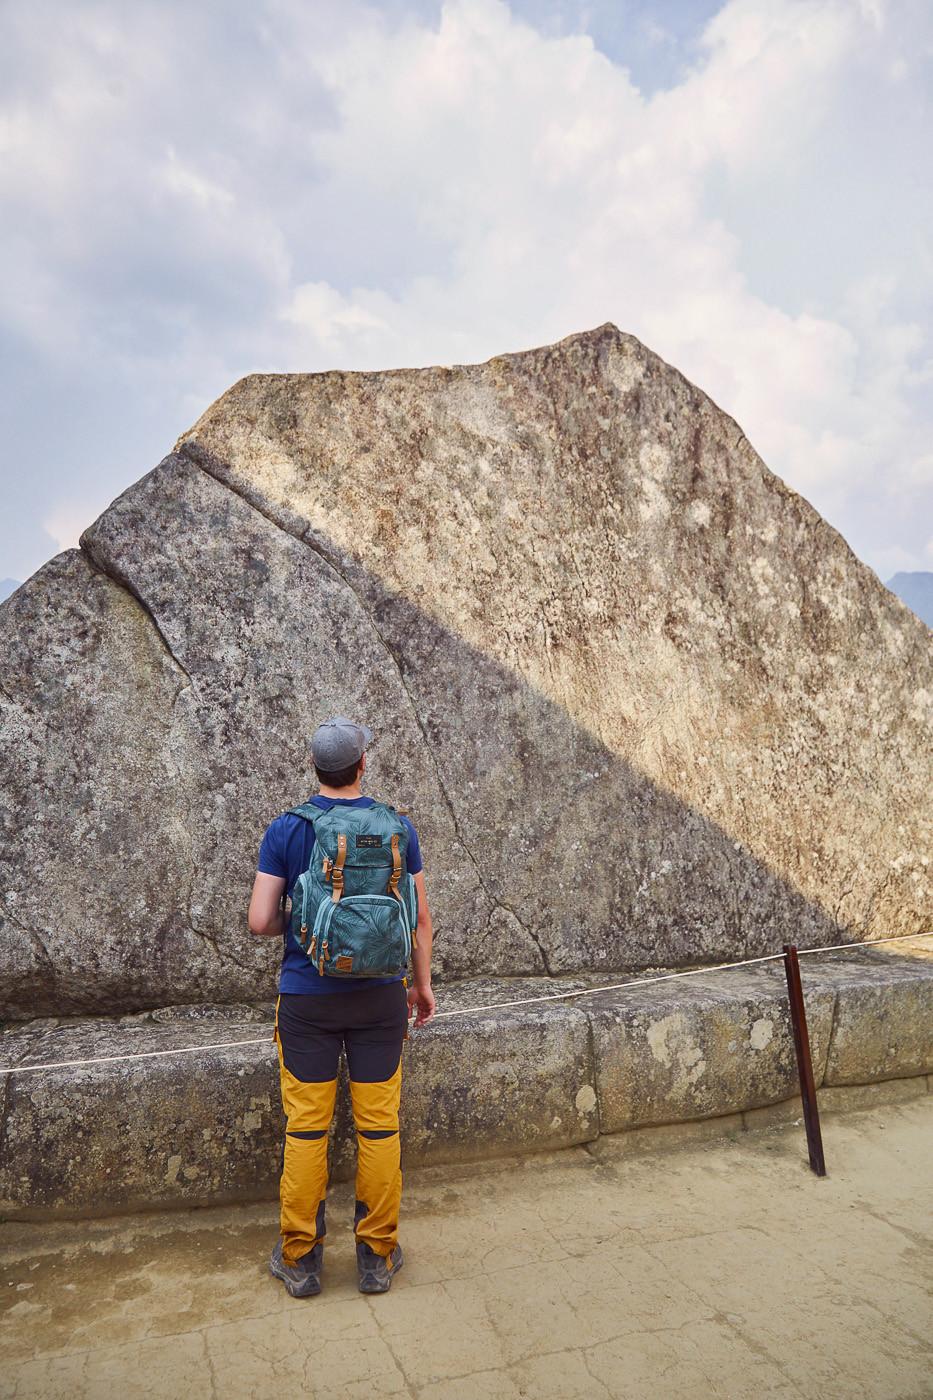 Ronnie vor dem Heiligen Stein, dem Roca Sagrada, in Machu Picchu. Wer seine Hand auf den Stein hält, kann die Energie fühlen, die von ihm ausgeht